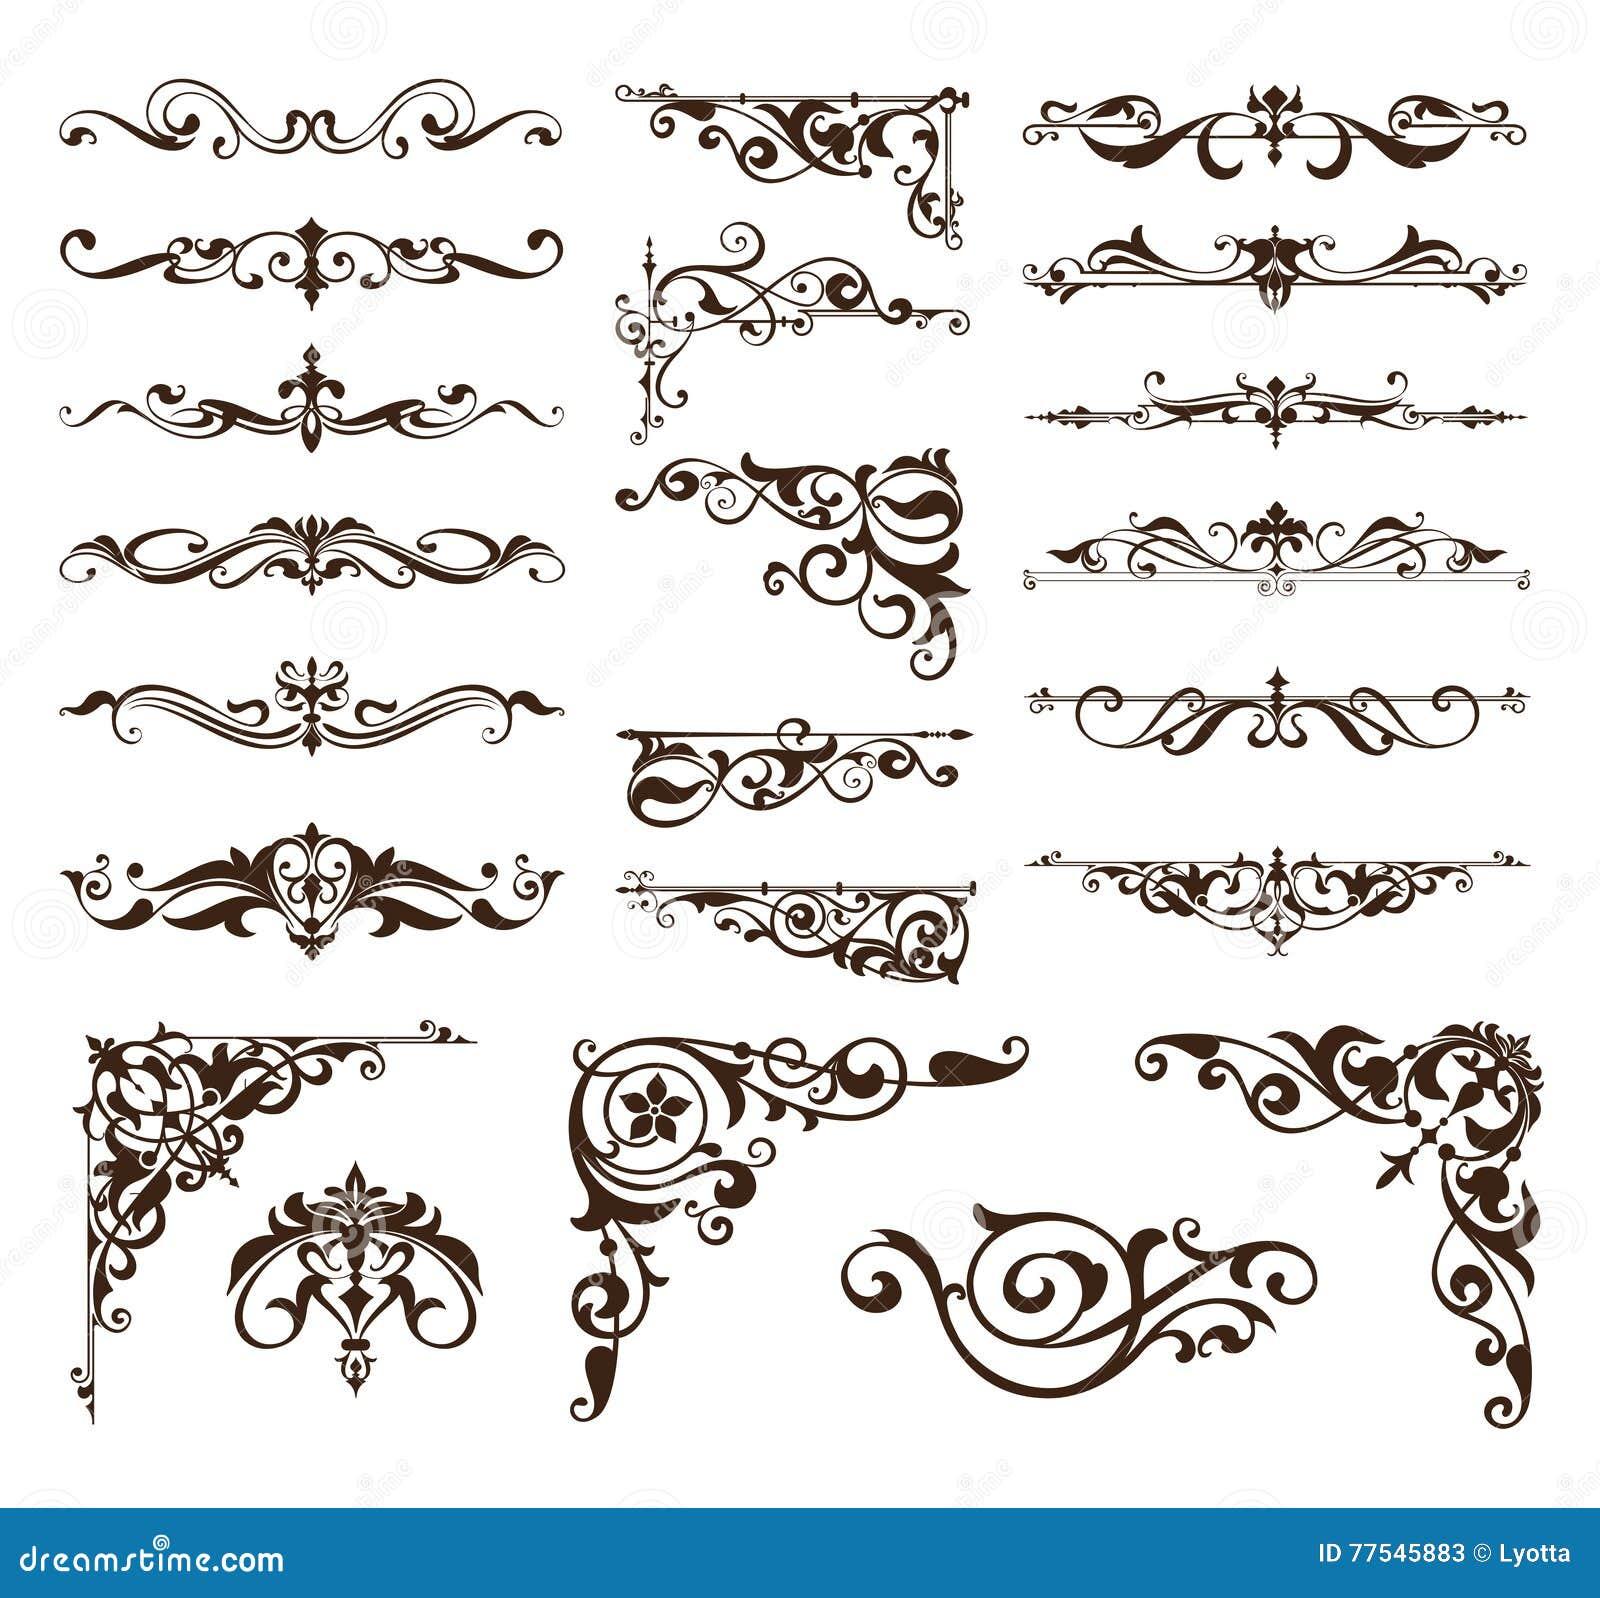 Элементы дизайна стиля Арт Деко винтажных углов орнаментов и границ рамки